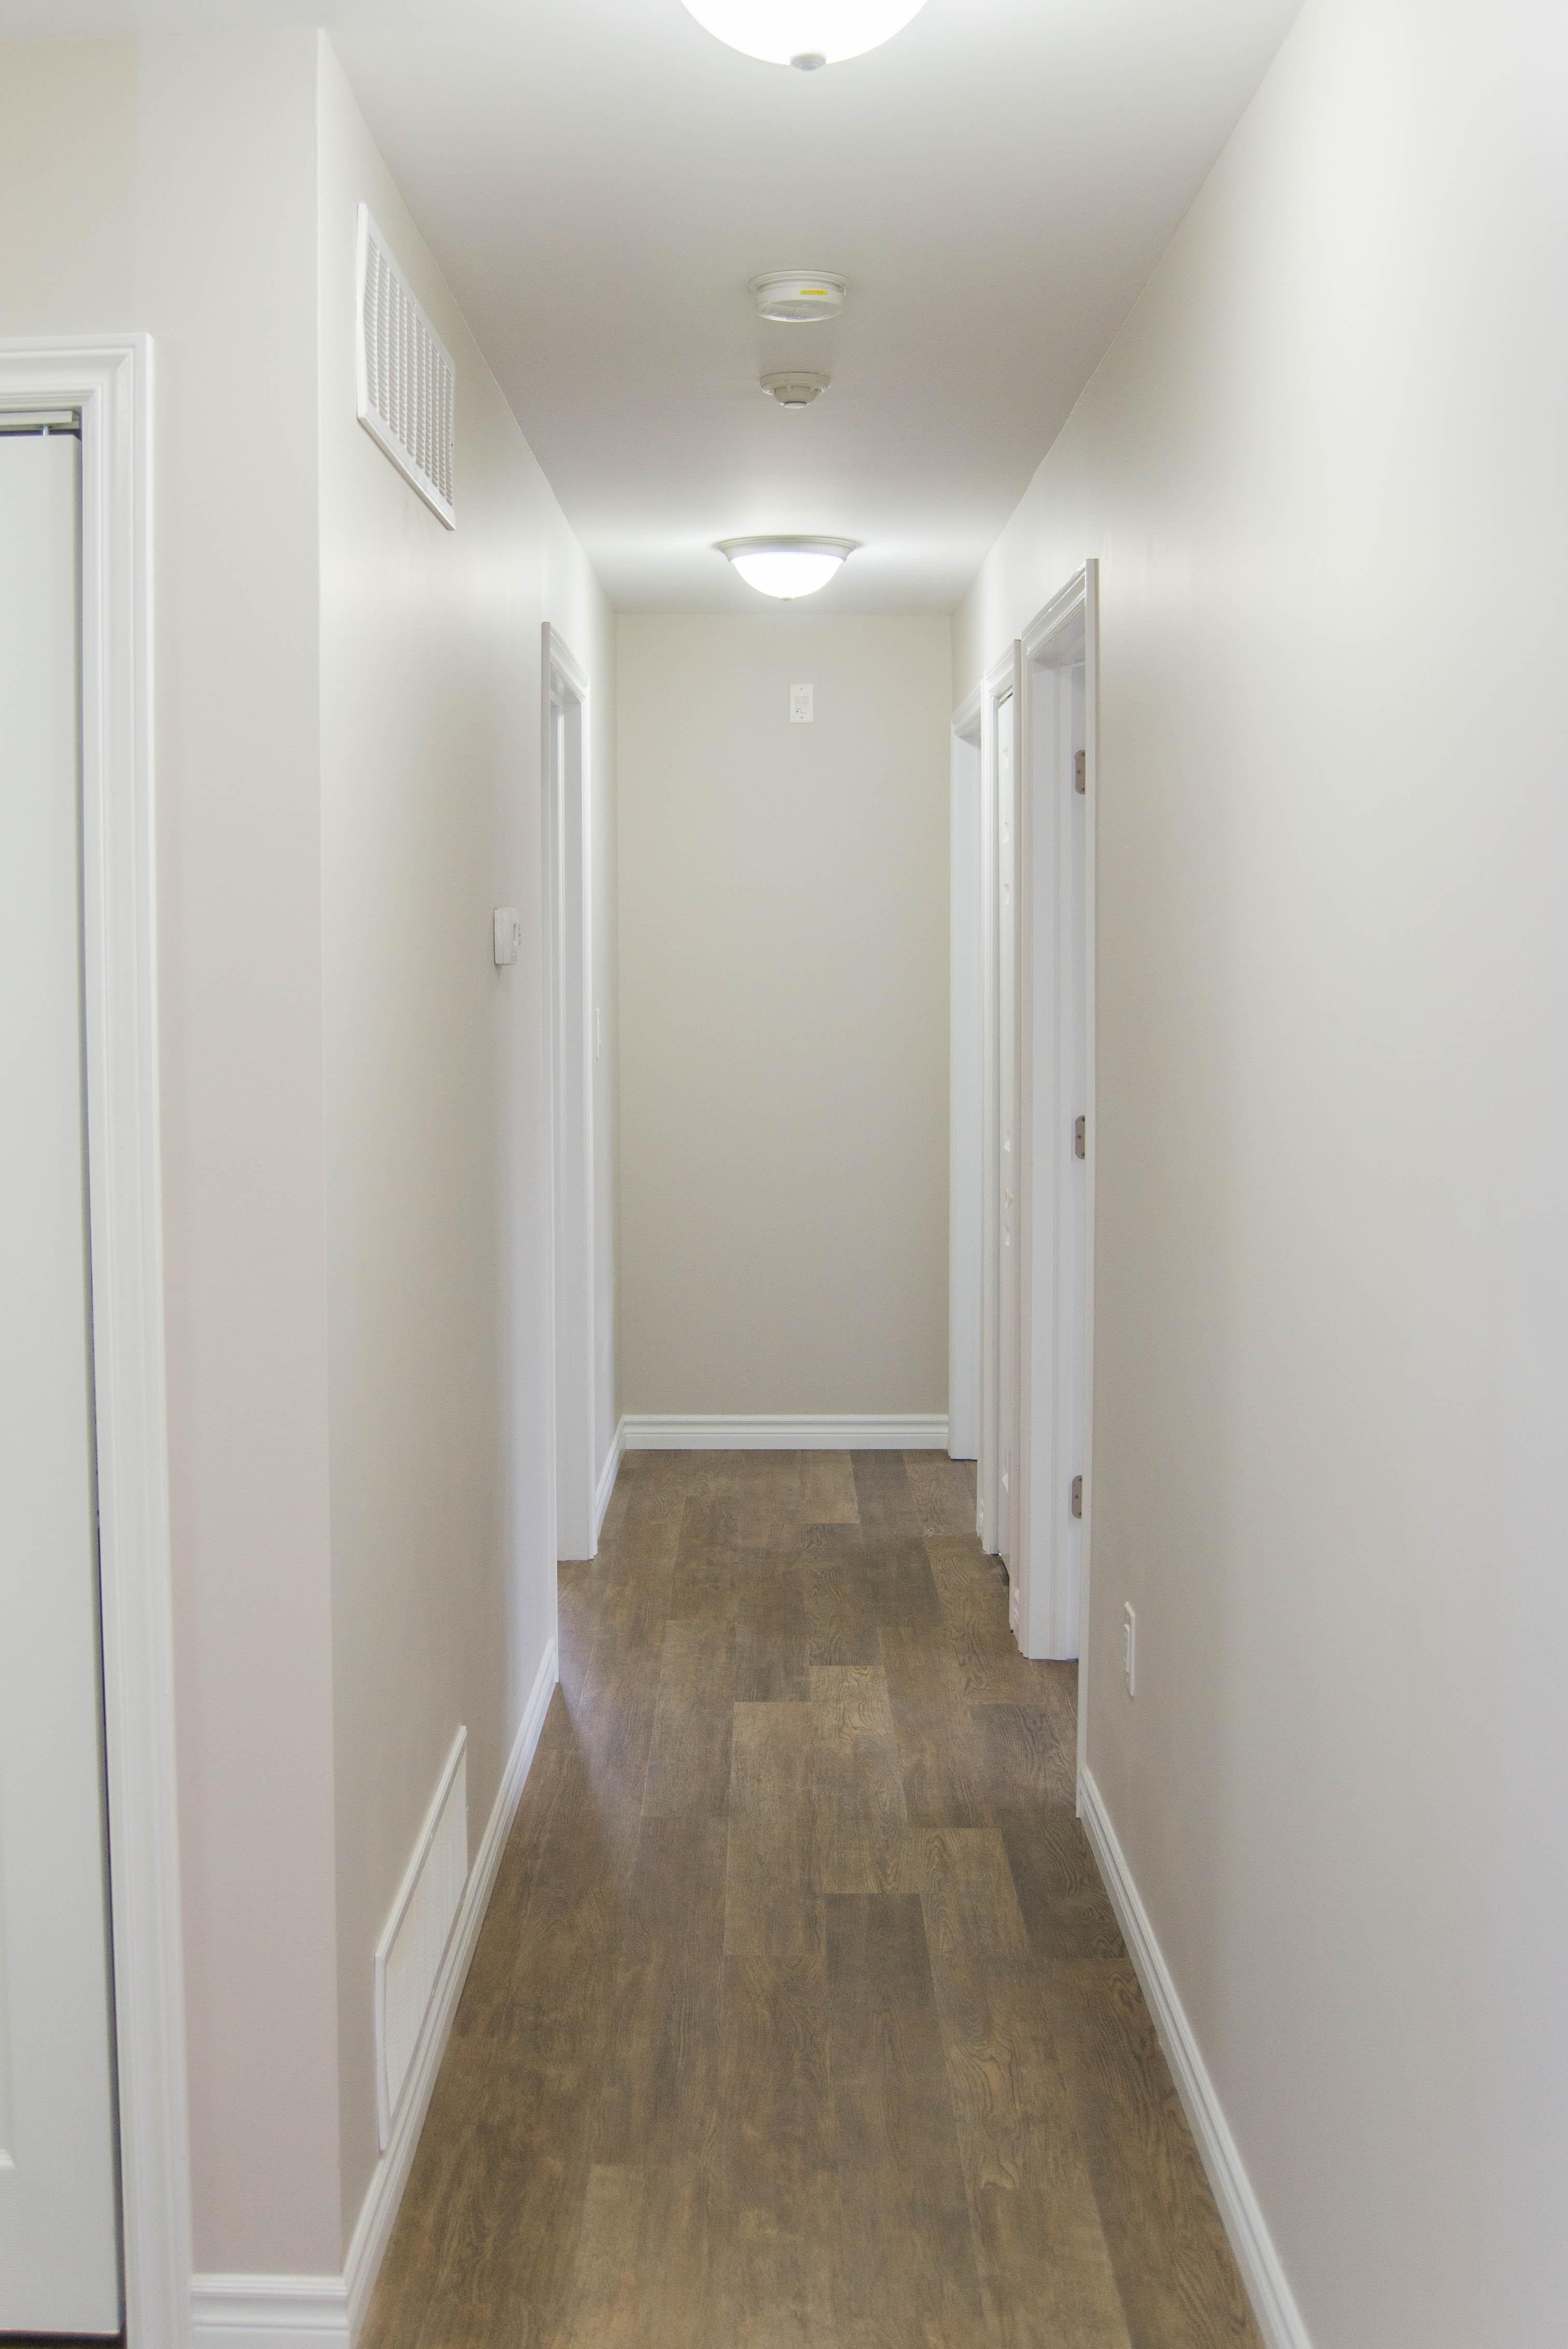 3 Bedroom - Hallway